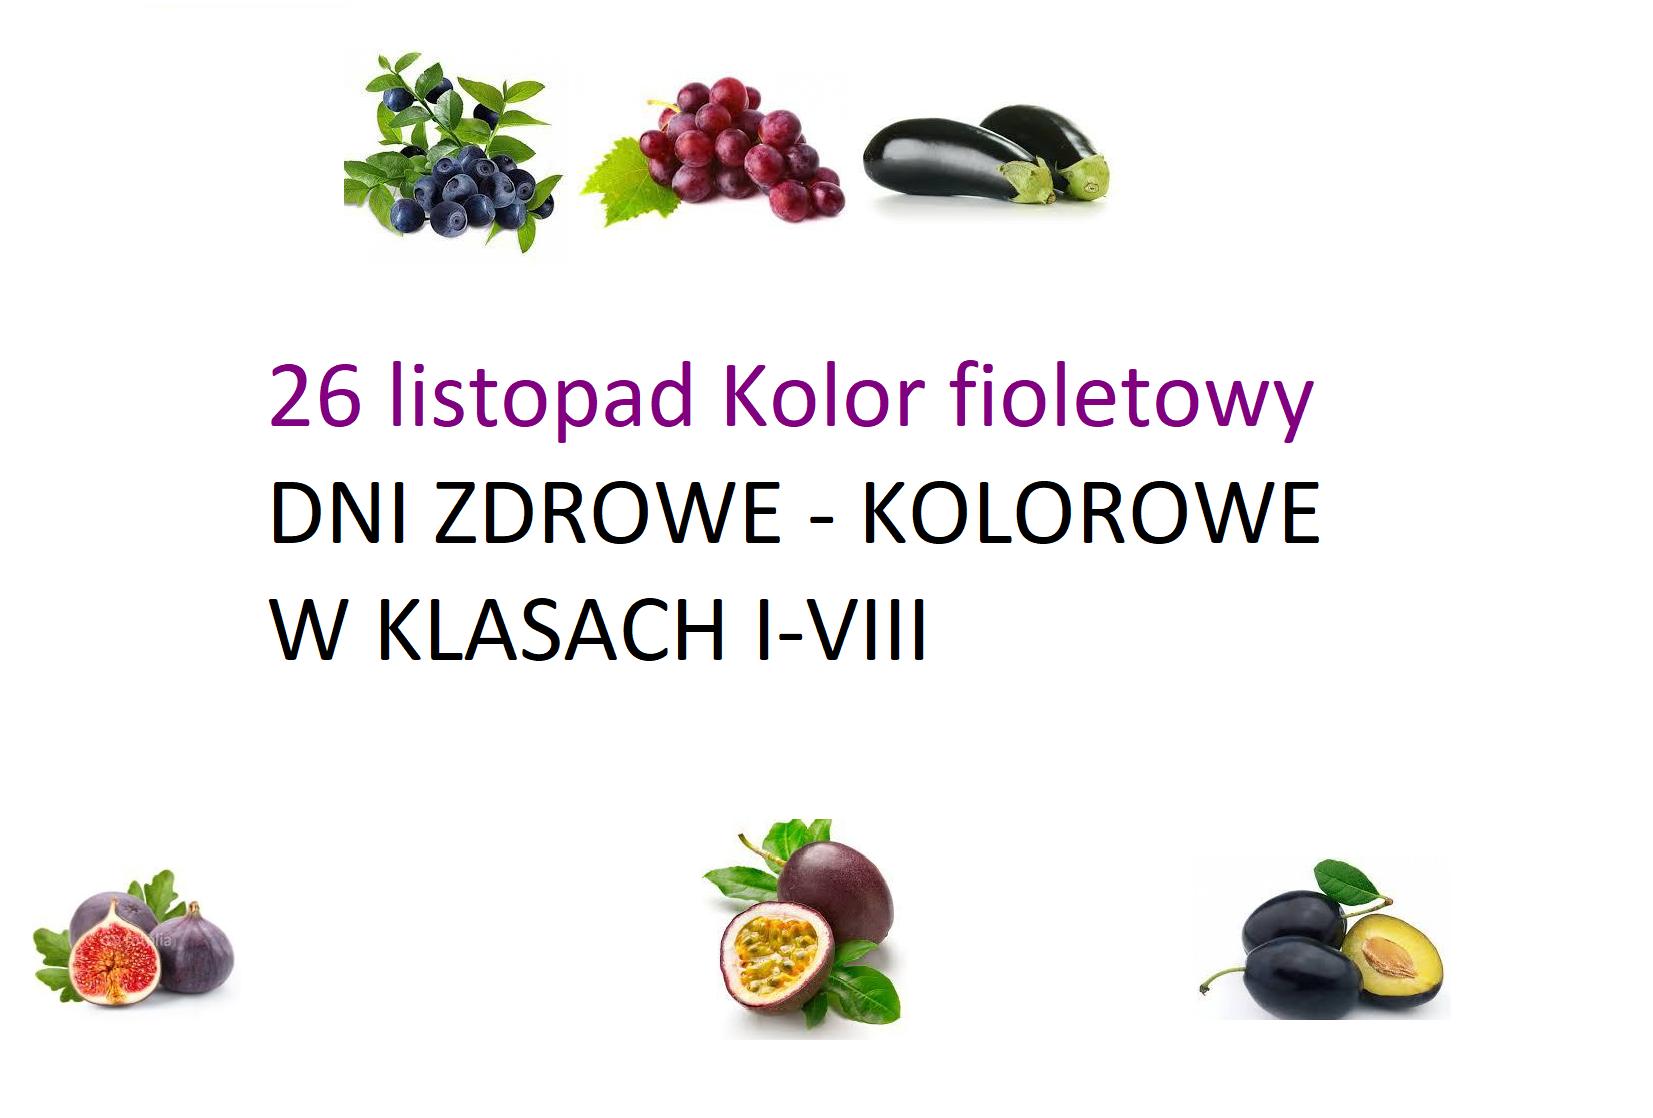 26 listopad Kolor fioletowy